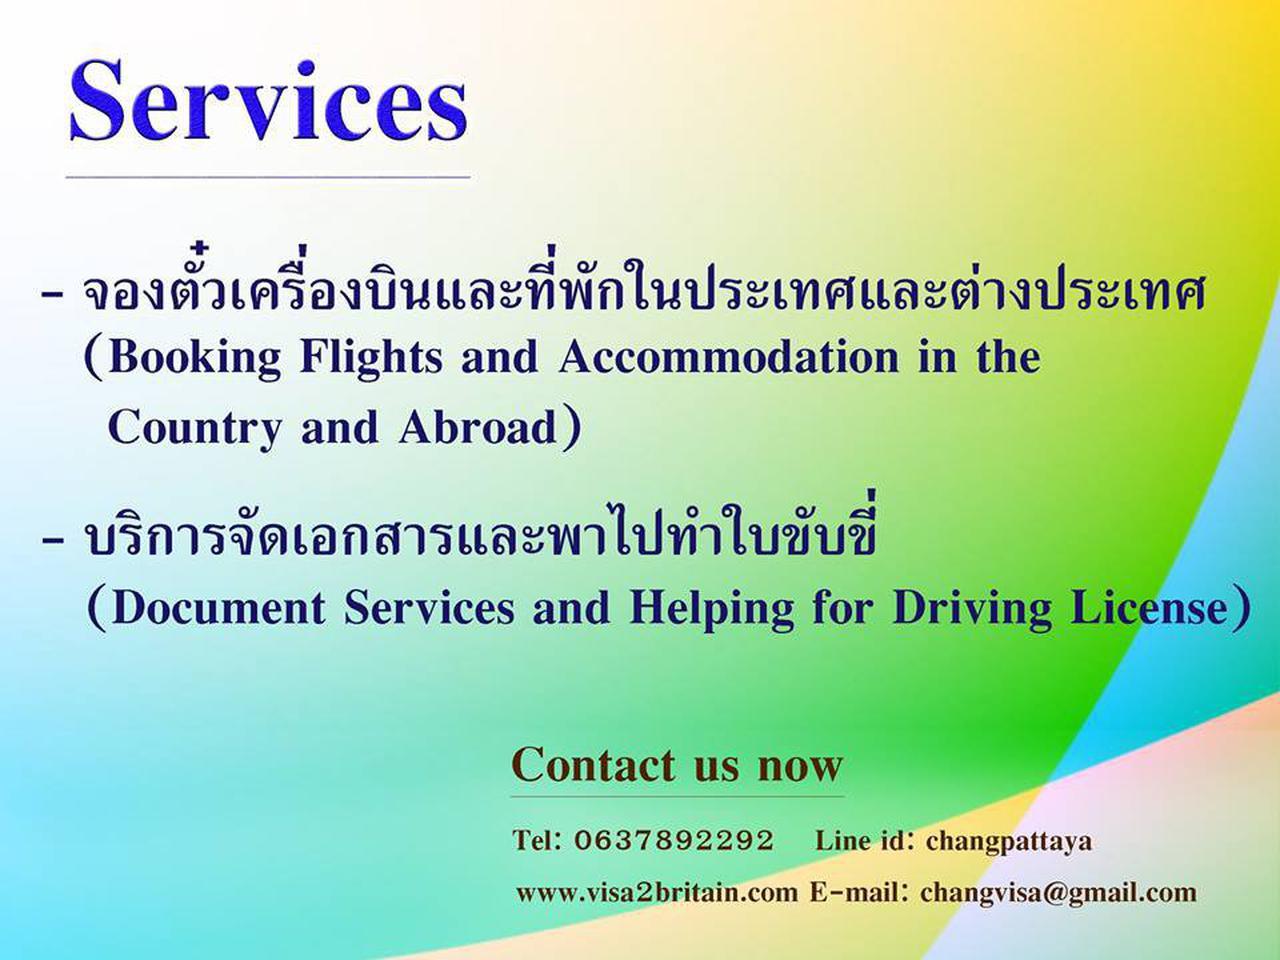 รับปรึกษาและให้บริการด้านวีซ่าทั้งในไทยและทั่วโลก รูปที่ 6